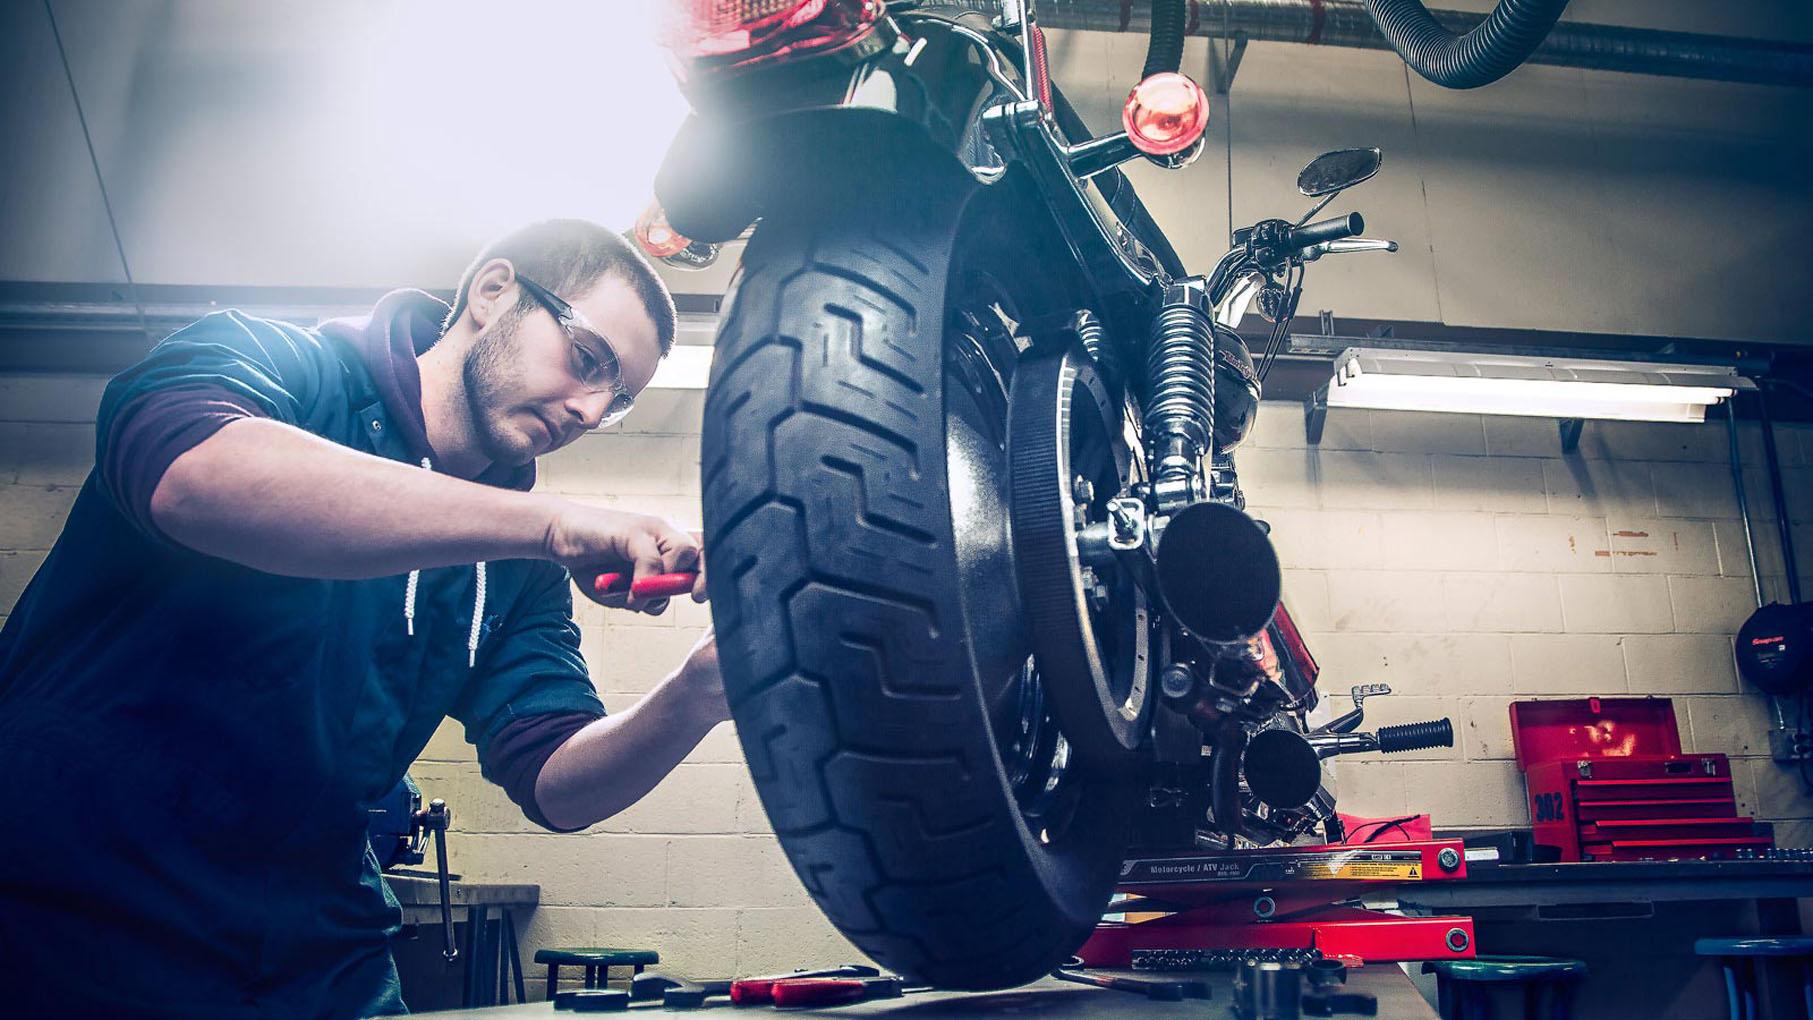 картинка сервис для мотоциклов помощью